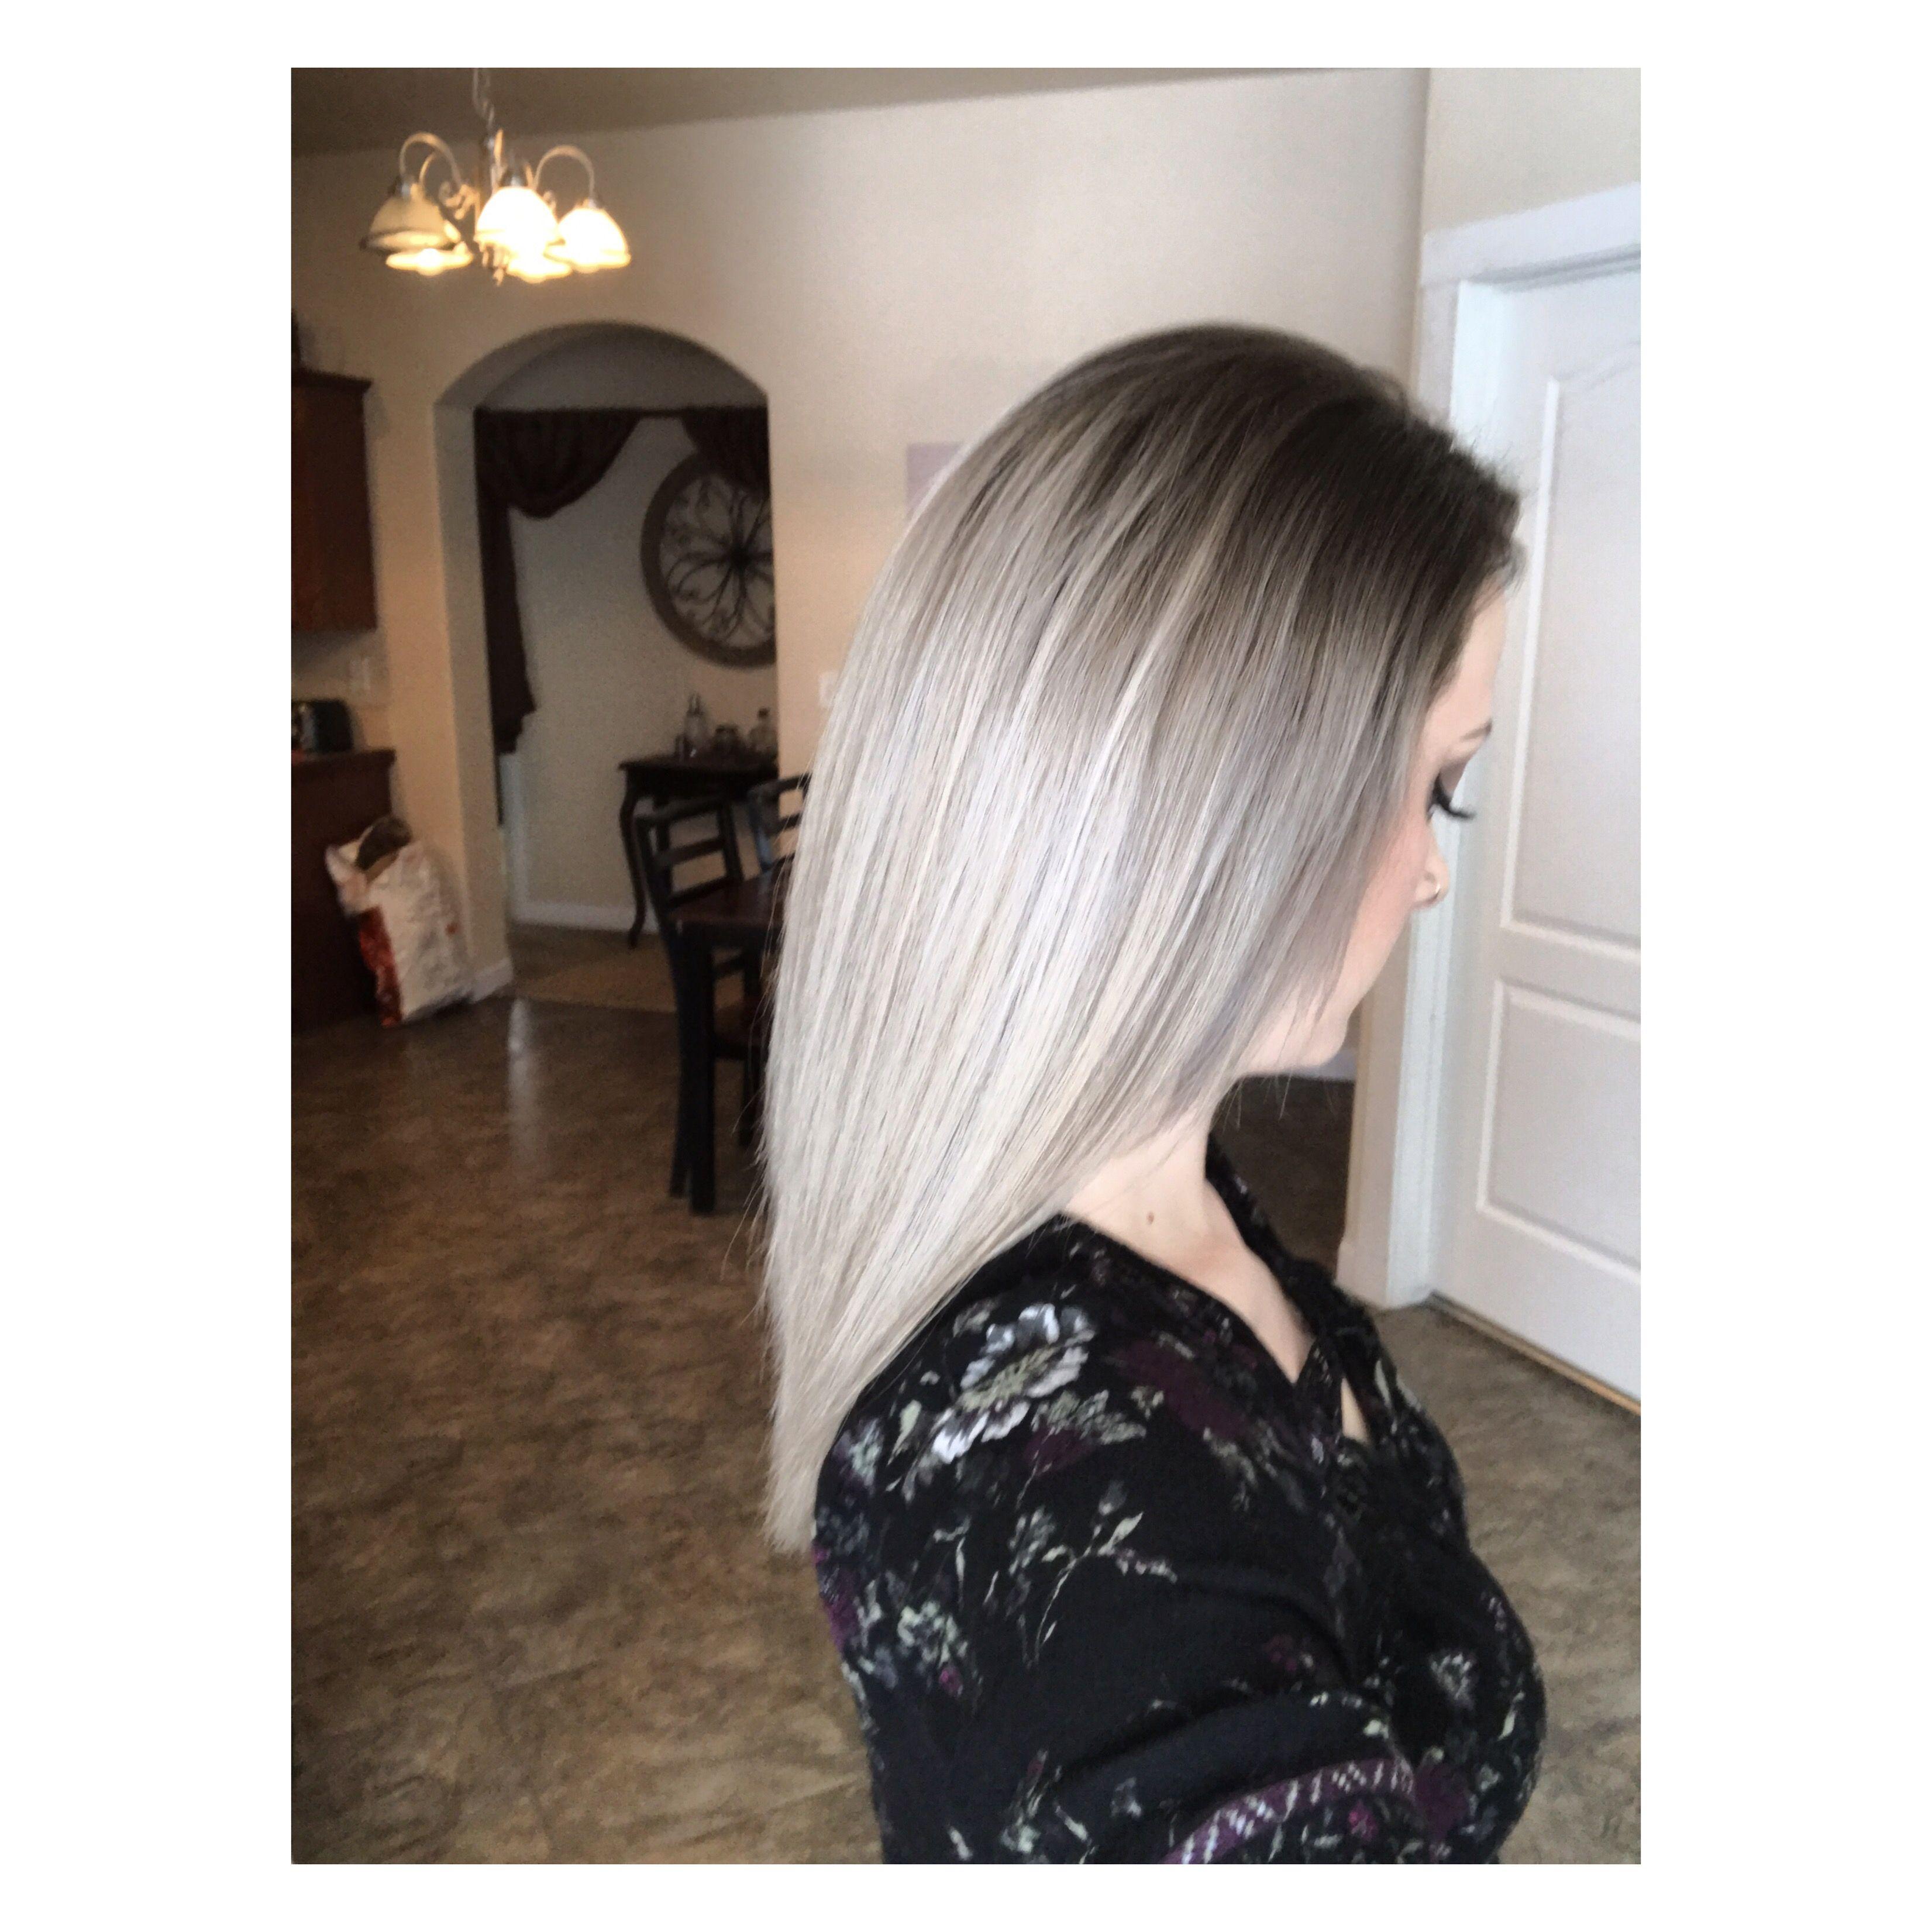 Silver blonde ombré